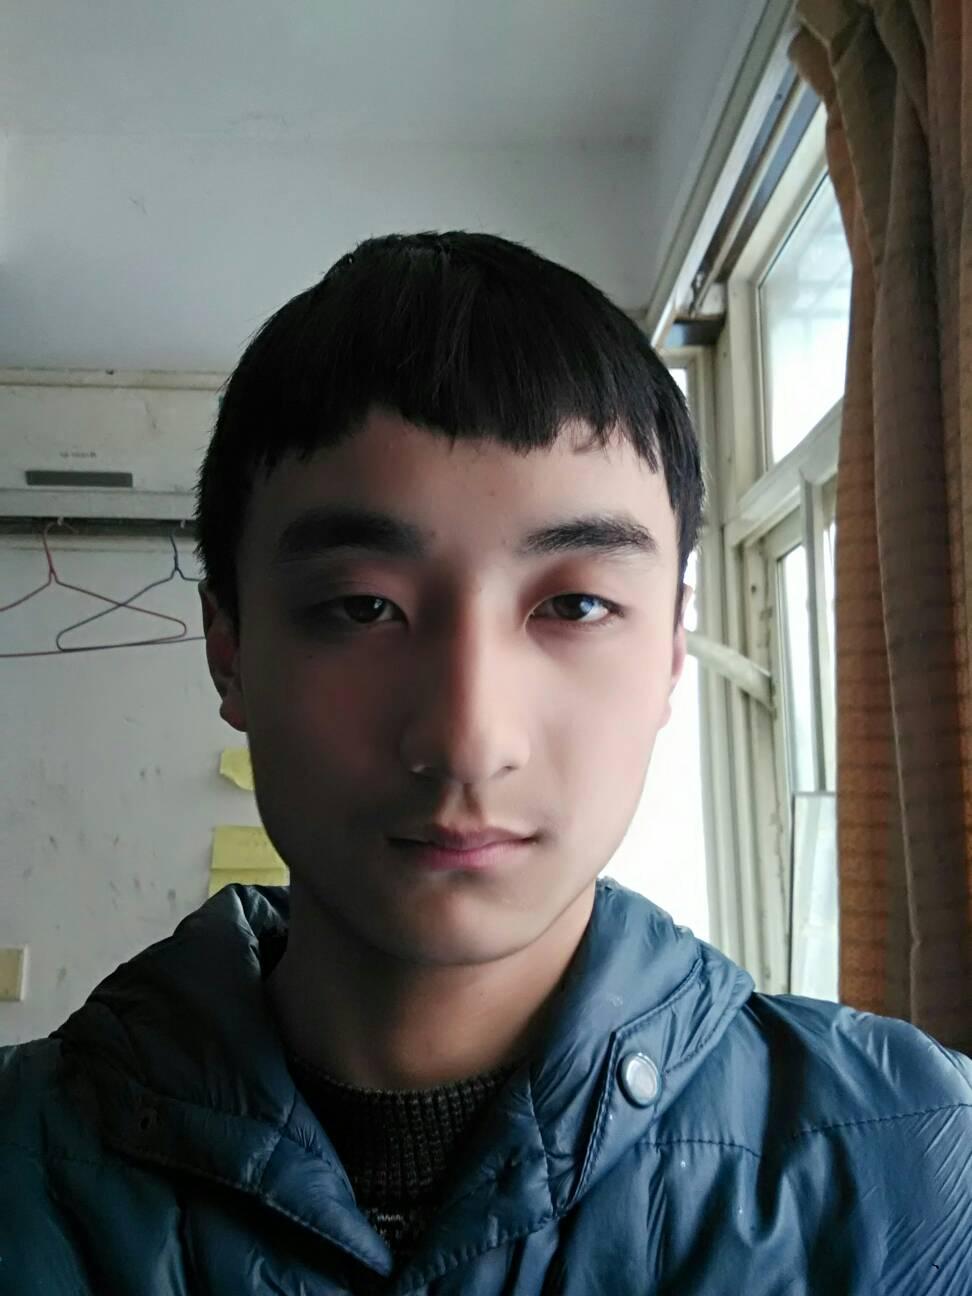 新疆人_我长得像新疆人吗?